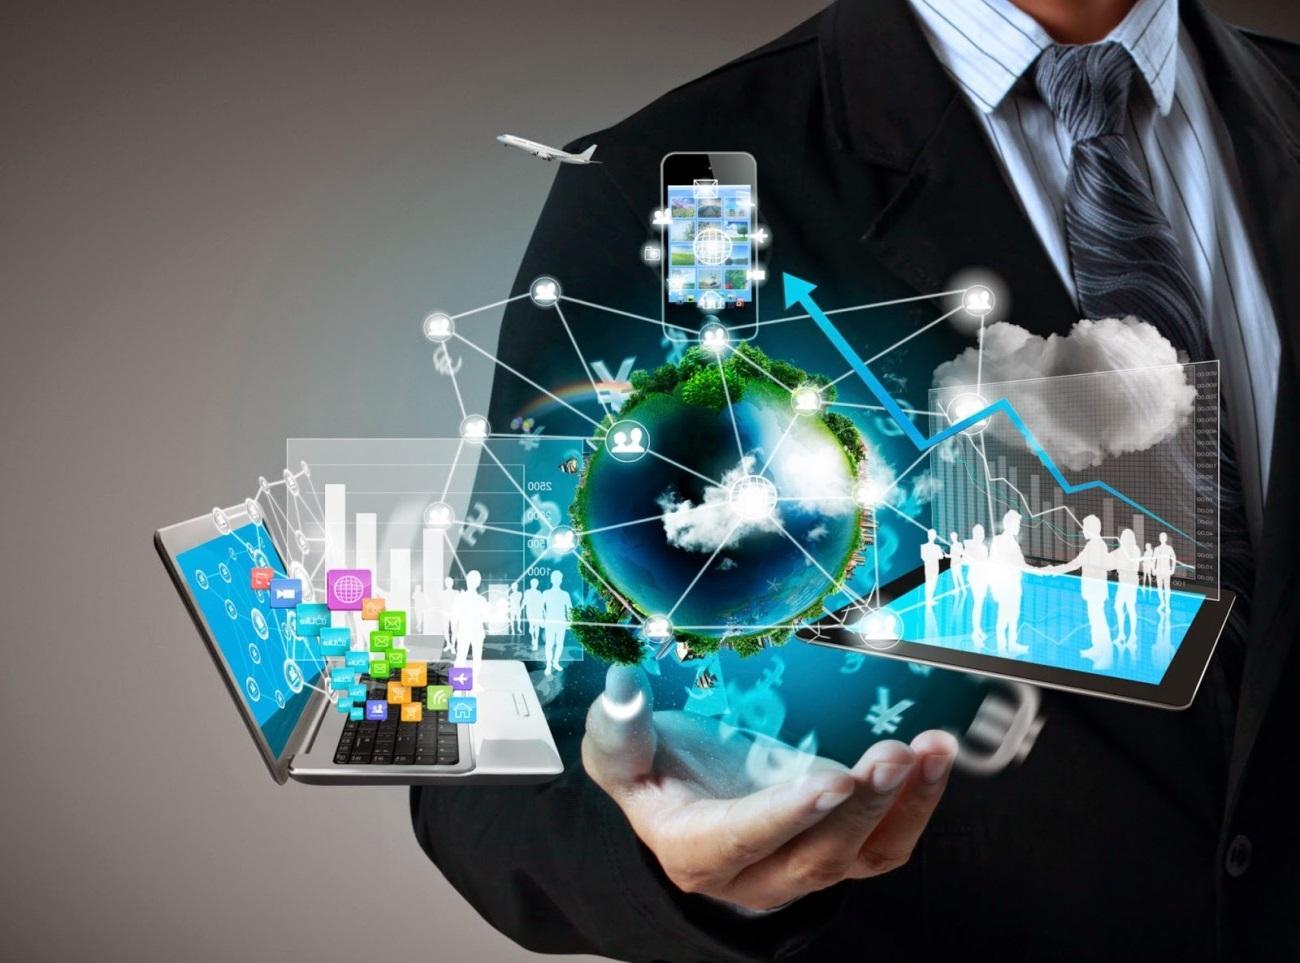 Фин эксперт – мировая известность и масштаб отношений